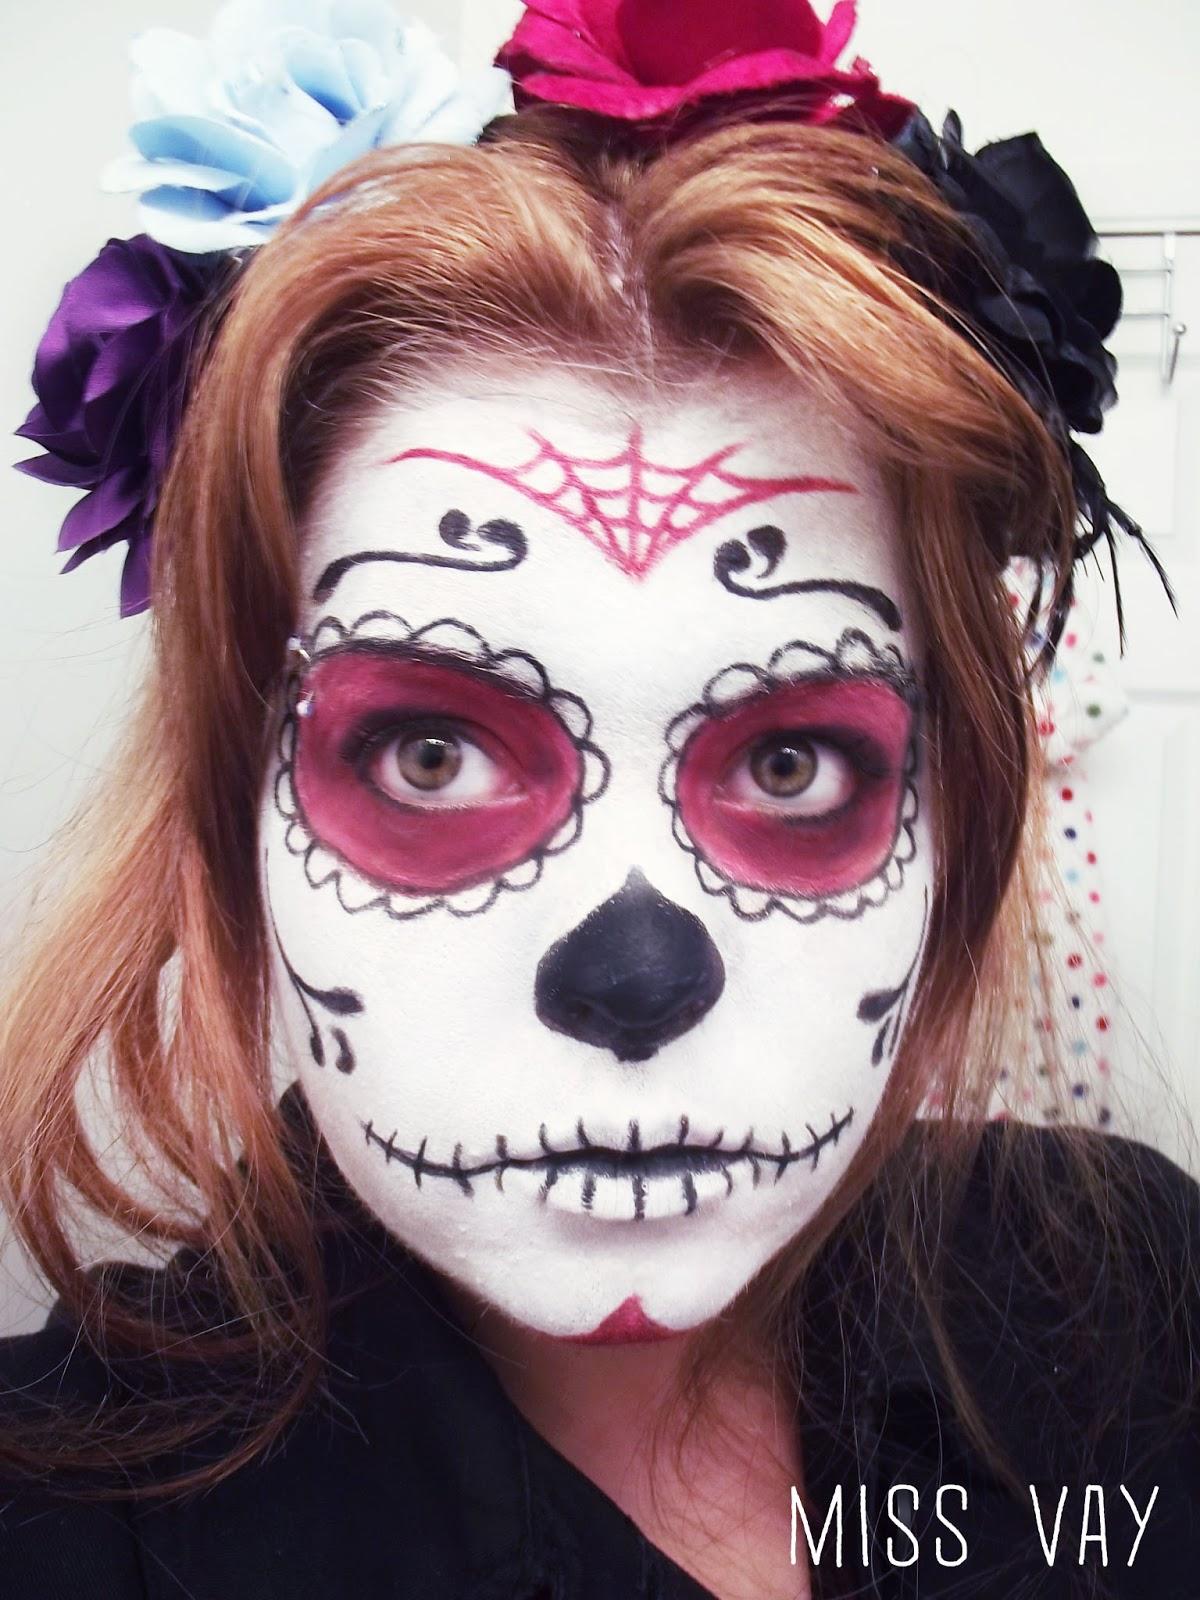 maquillage pour le dia de los muertos sugar skull calaveras miss vay blogue lifestyle. Black Bedroom Furniture Sets. Home Design Ideas